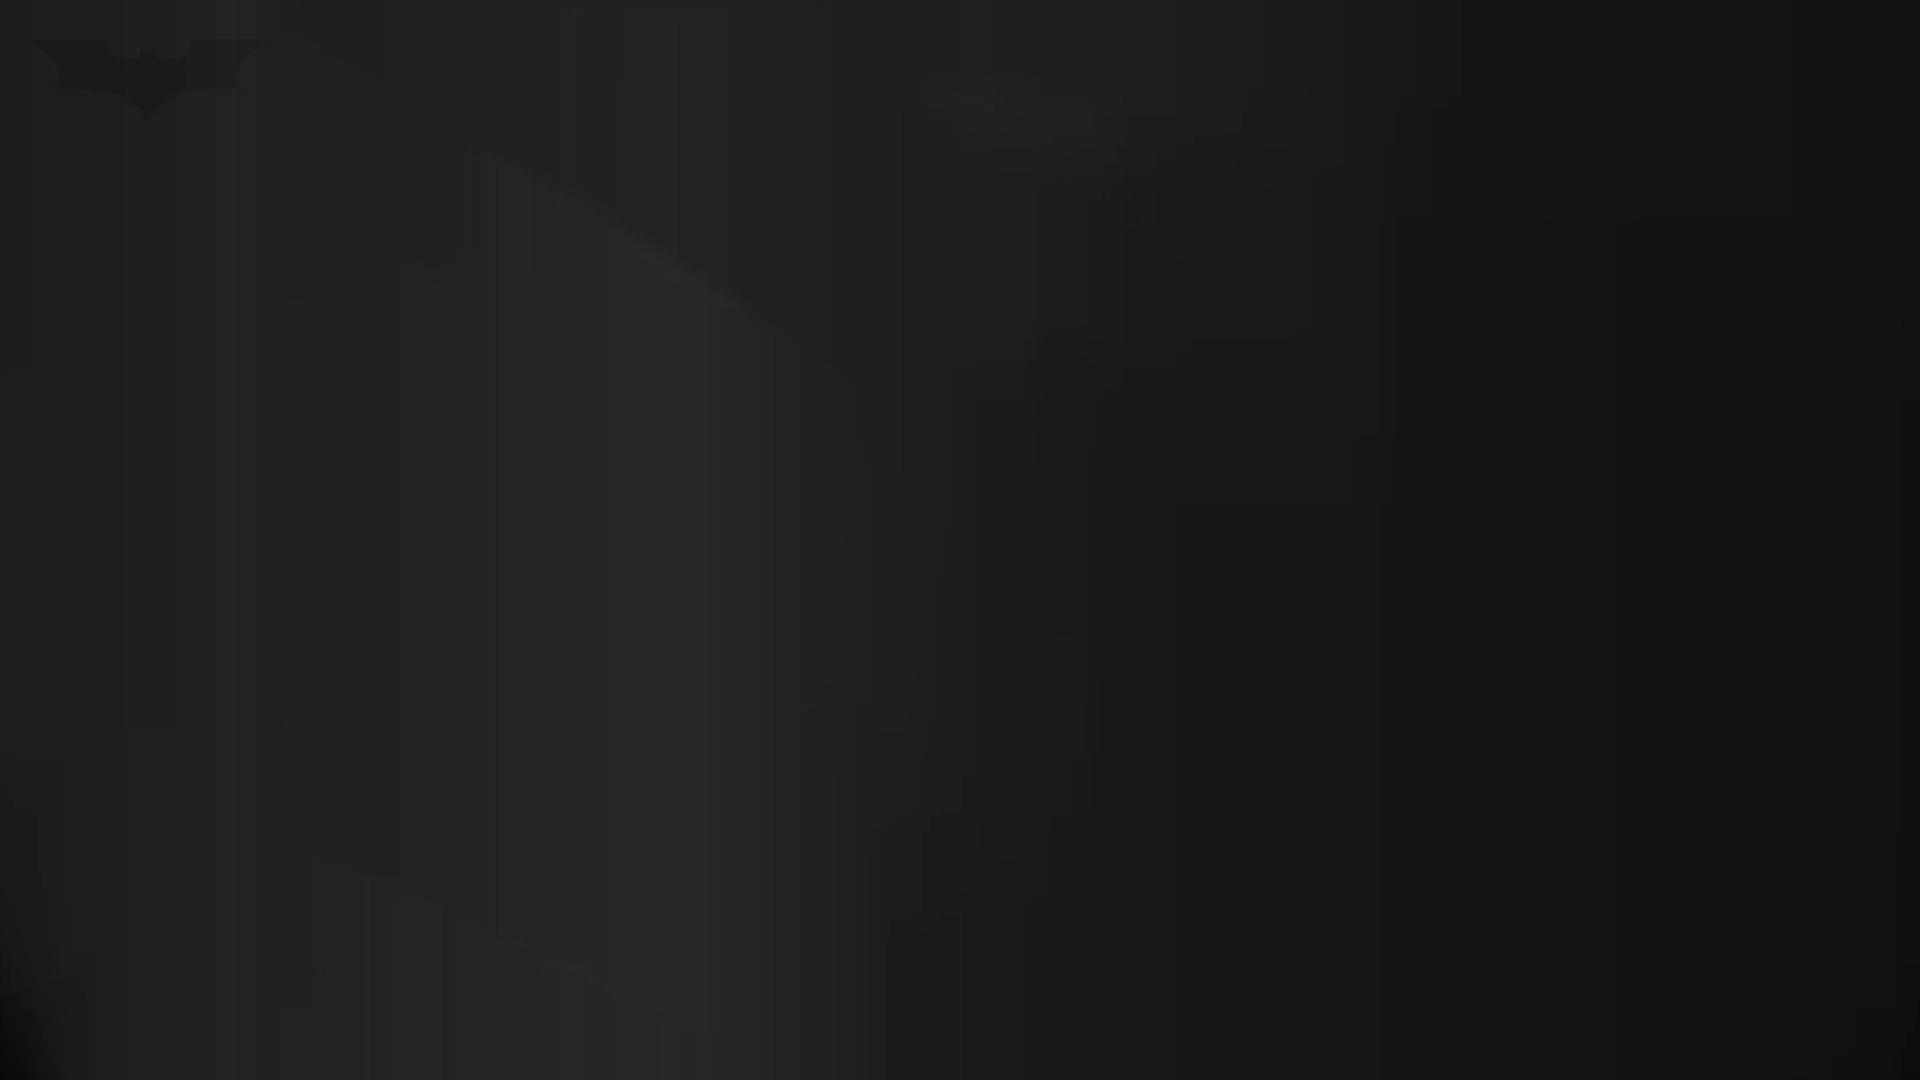 洗面所特攻隊 vol.74 last 2総勢16名激撮【2015・29位】 洗面所  105連発 70